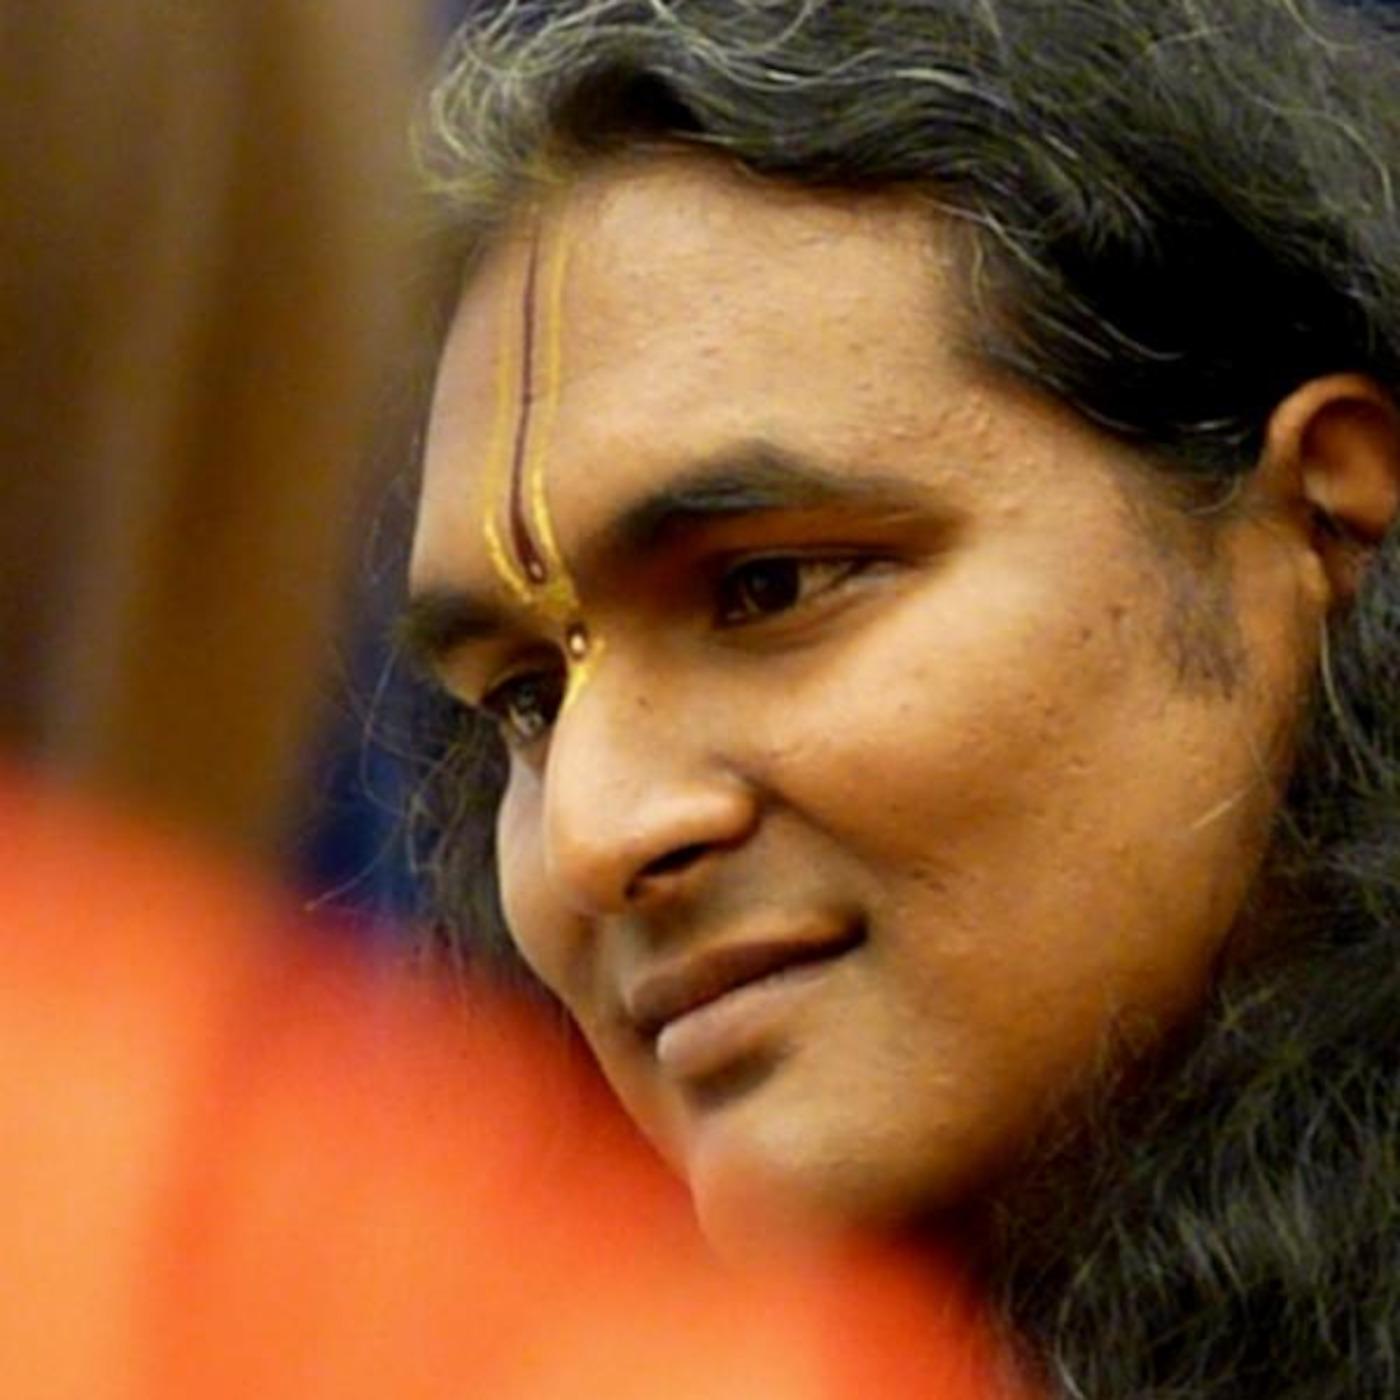 Сексуальные домогательства гуру вишвананда